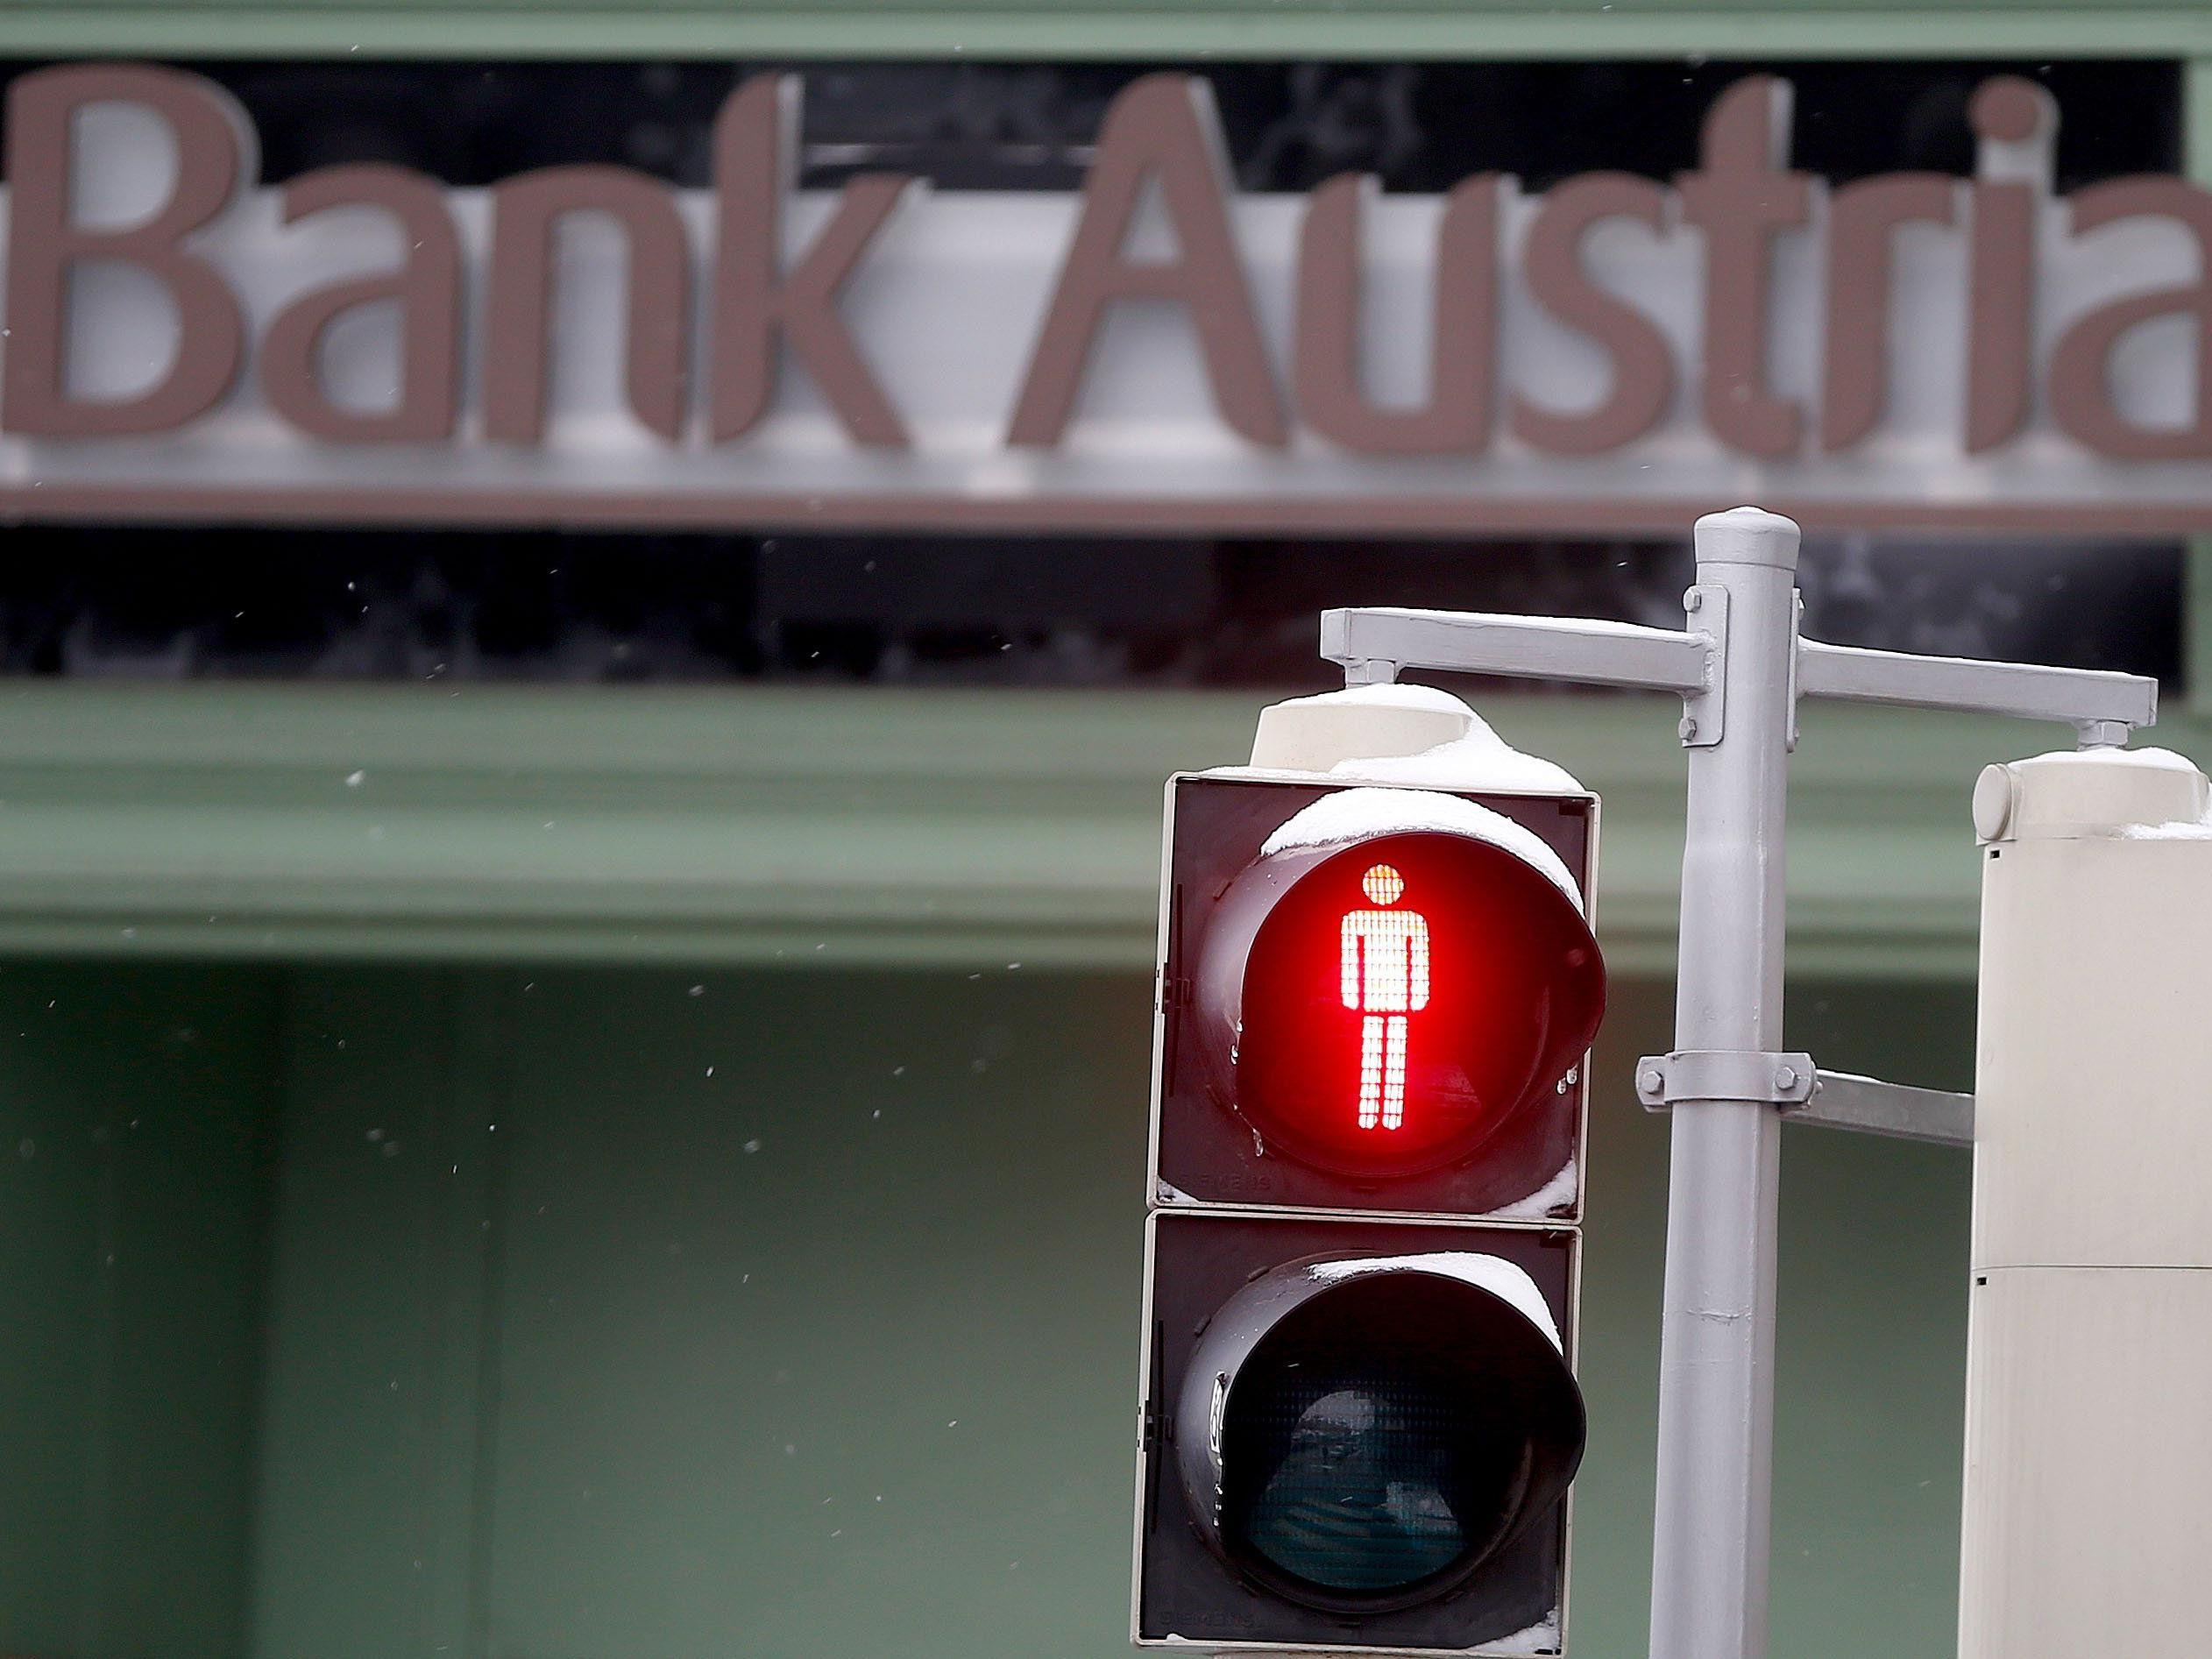 Beim klassischen Bankgeschäft steht die Ampel auf Rot.